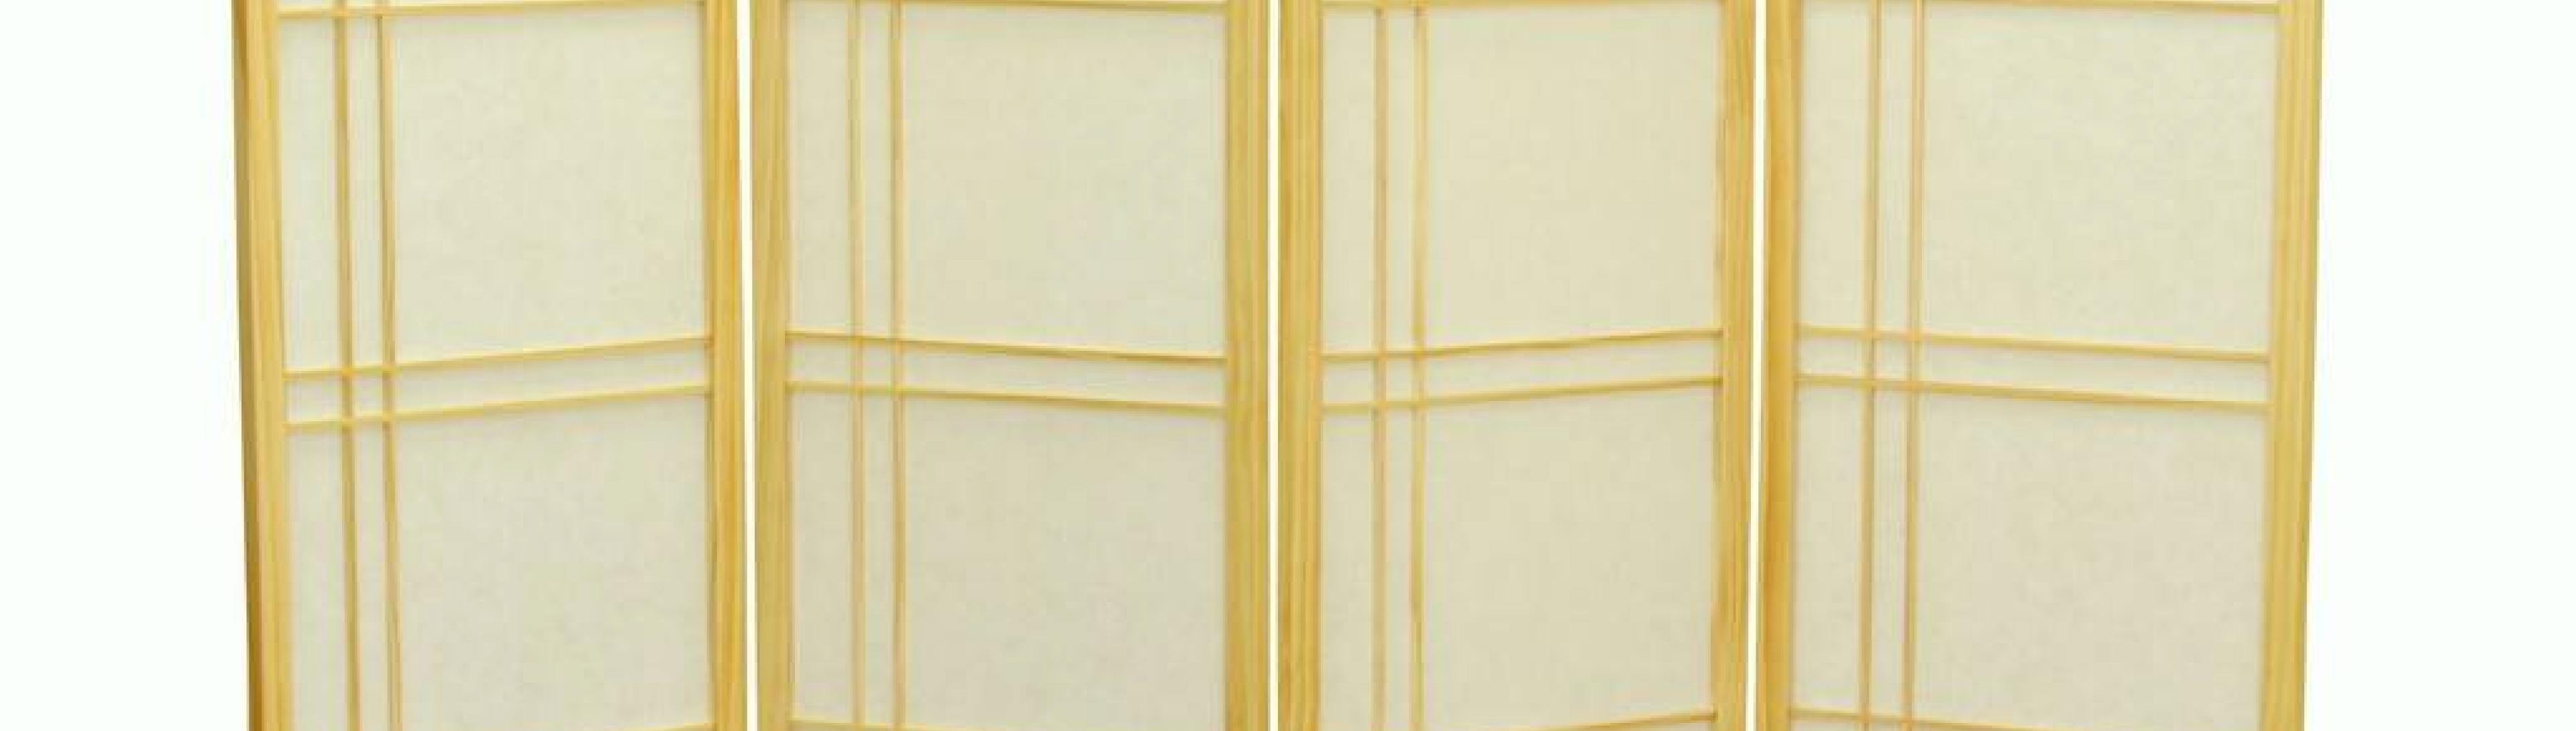 Интересные примеры моделей ширм-перегородок для комнаты